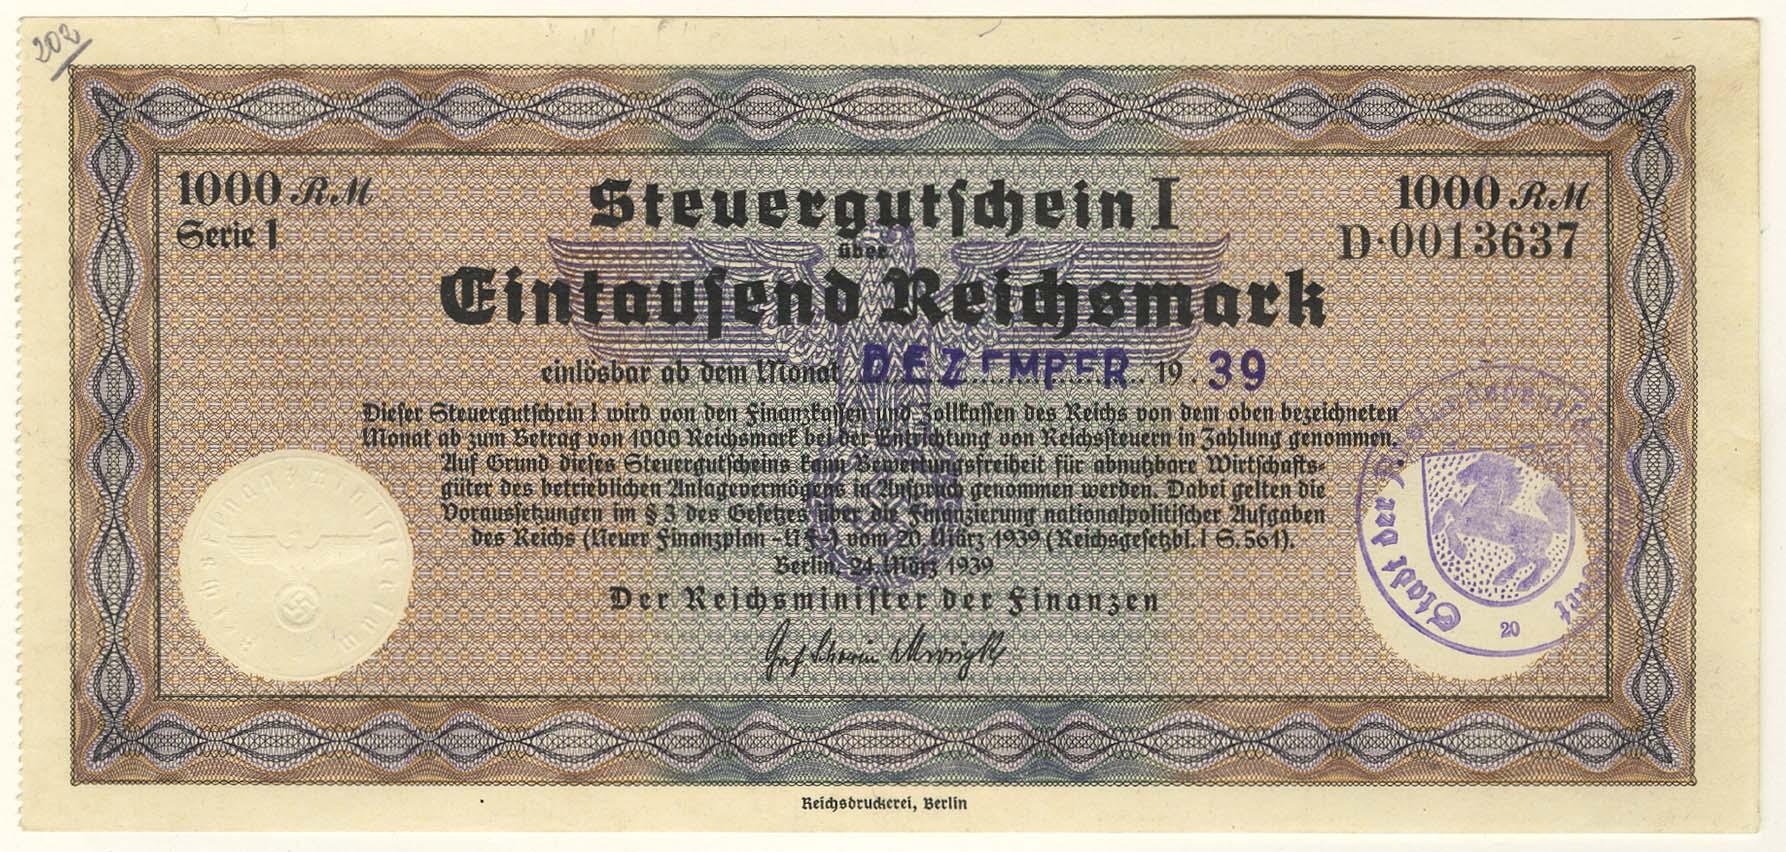 Lot 2368 - Geldscheine Deutschland - Deutsches Reich -  Auktionshaus Ulrich Felzmann GmbH & Co. KG Coins single lots